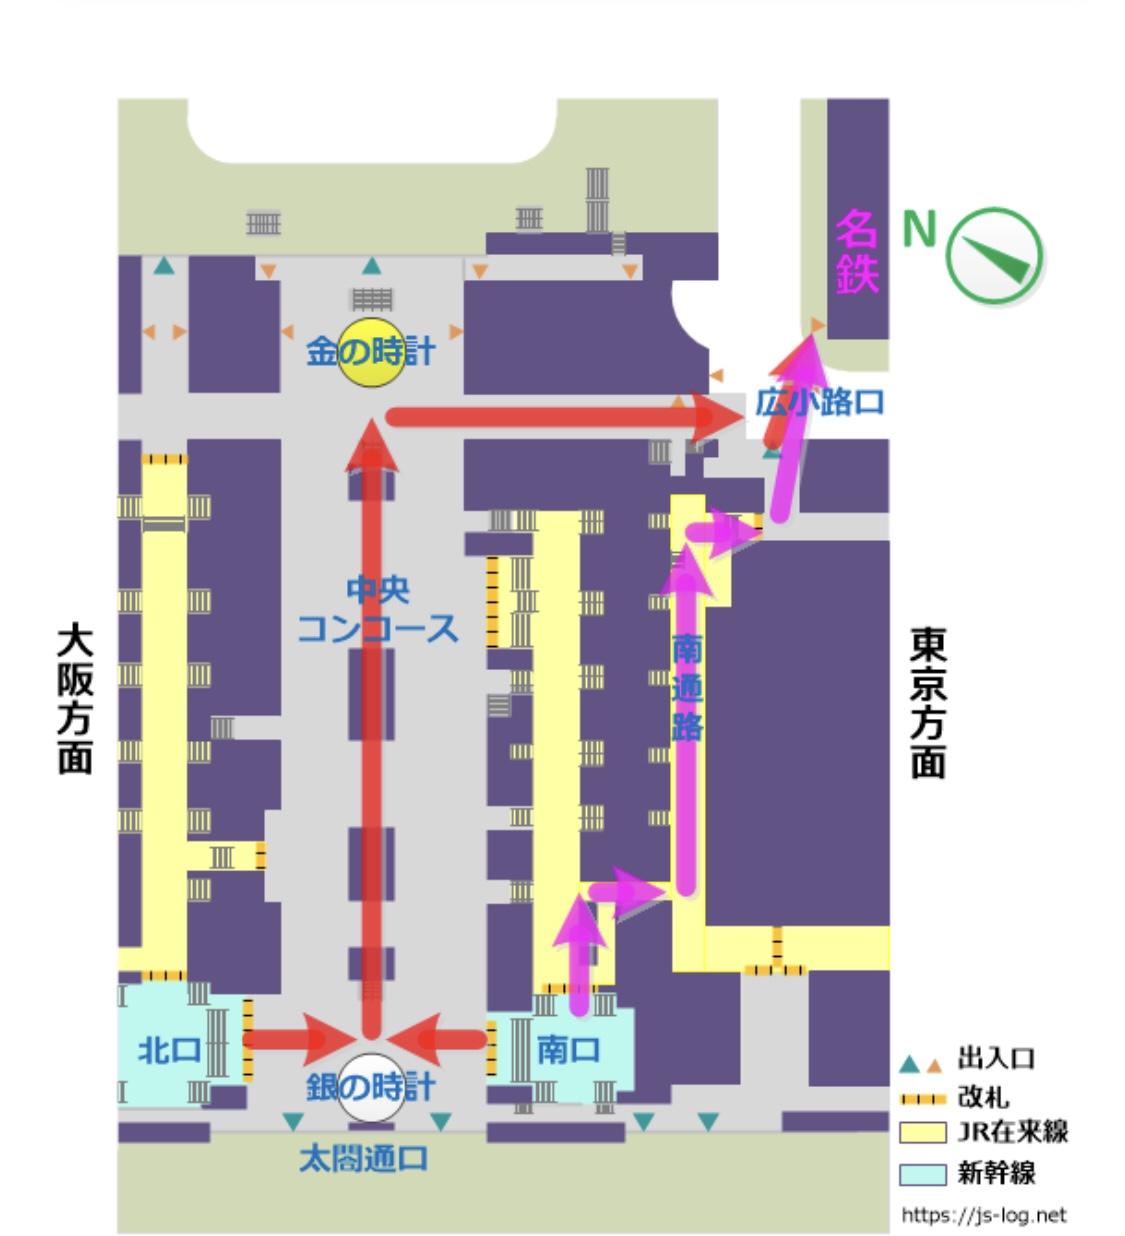 名古屋駅で新幹線から名鉄に乗り換え方法